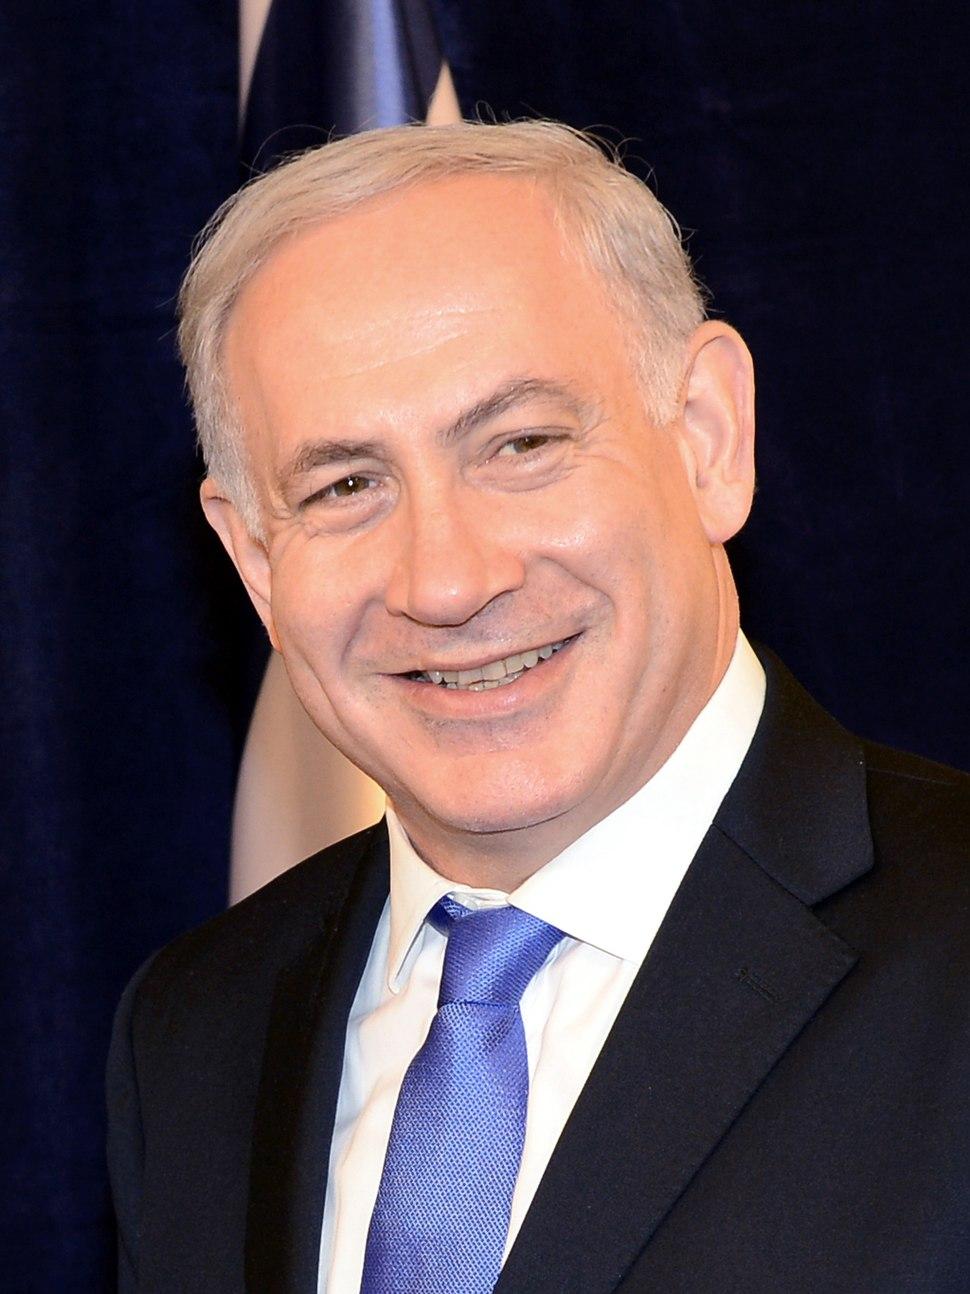 Benjamin Netanyahu 2012